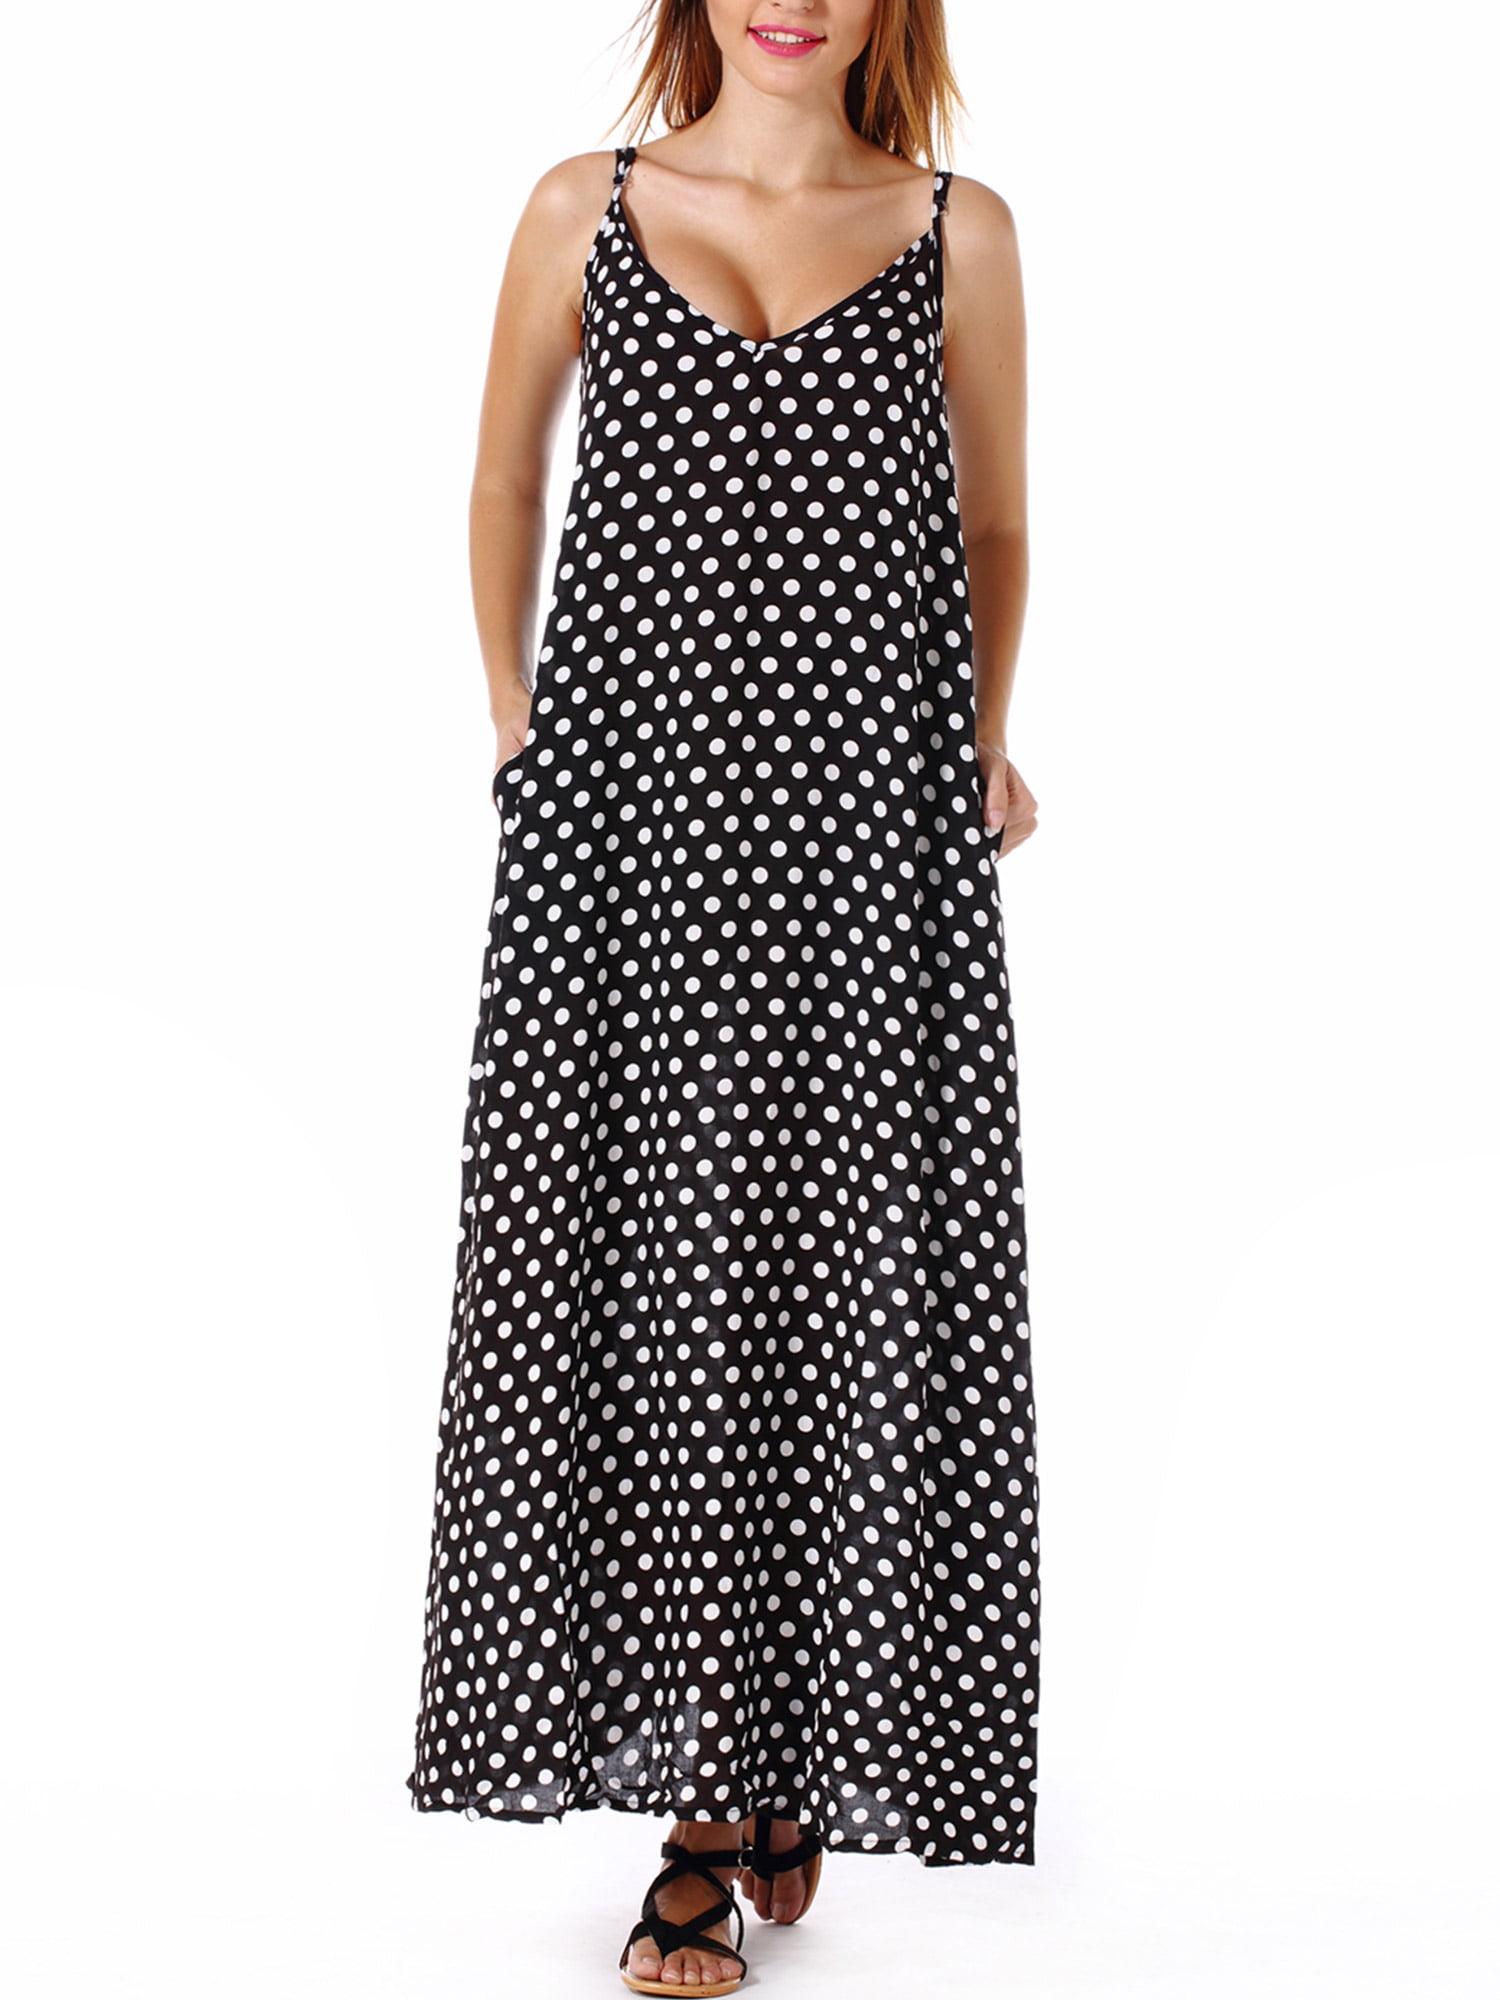 SAYFUT Plus Size Women\'s Sundresses Spaghetti Strap Polka Dot Dress  Sleeveless V-Neckline Backless Beach Swimwear Long Dresses